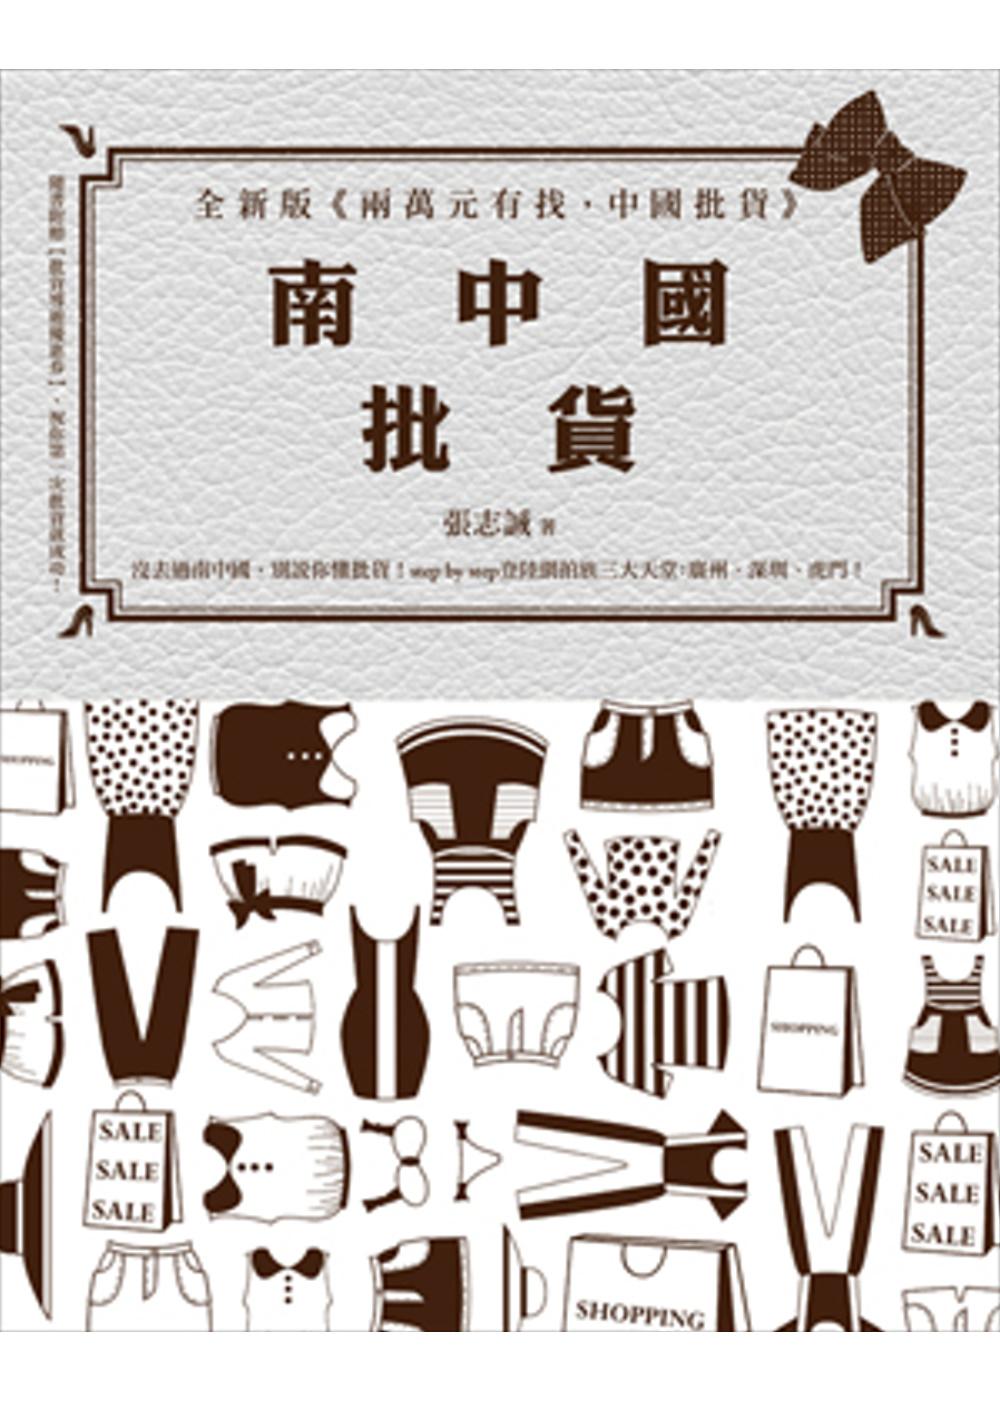 南中國批貨:全新版《兩萬元有找,中國批貨》